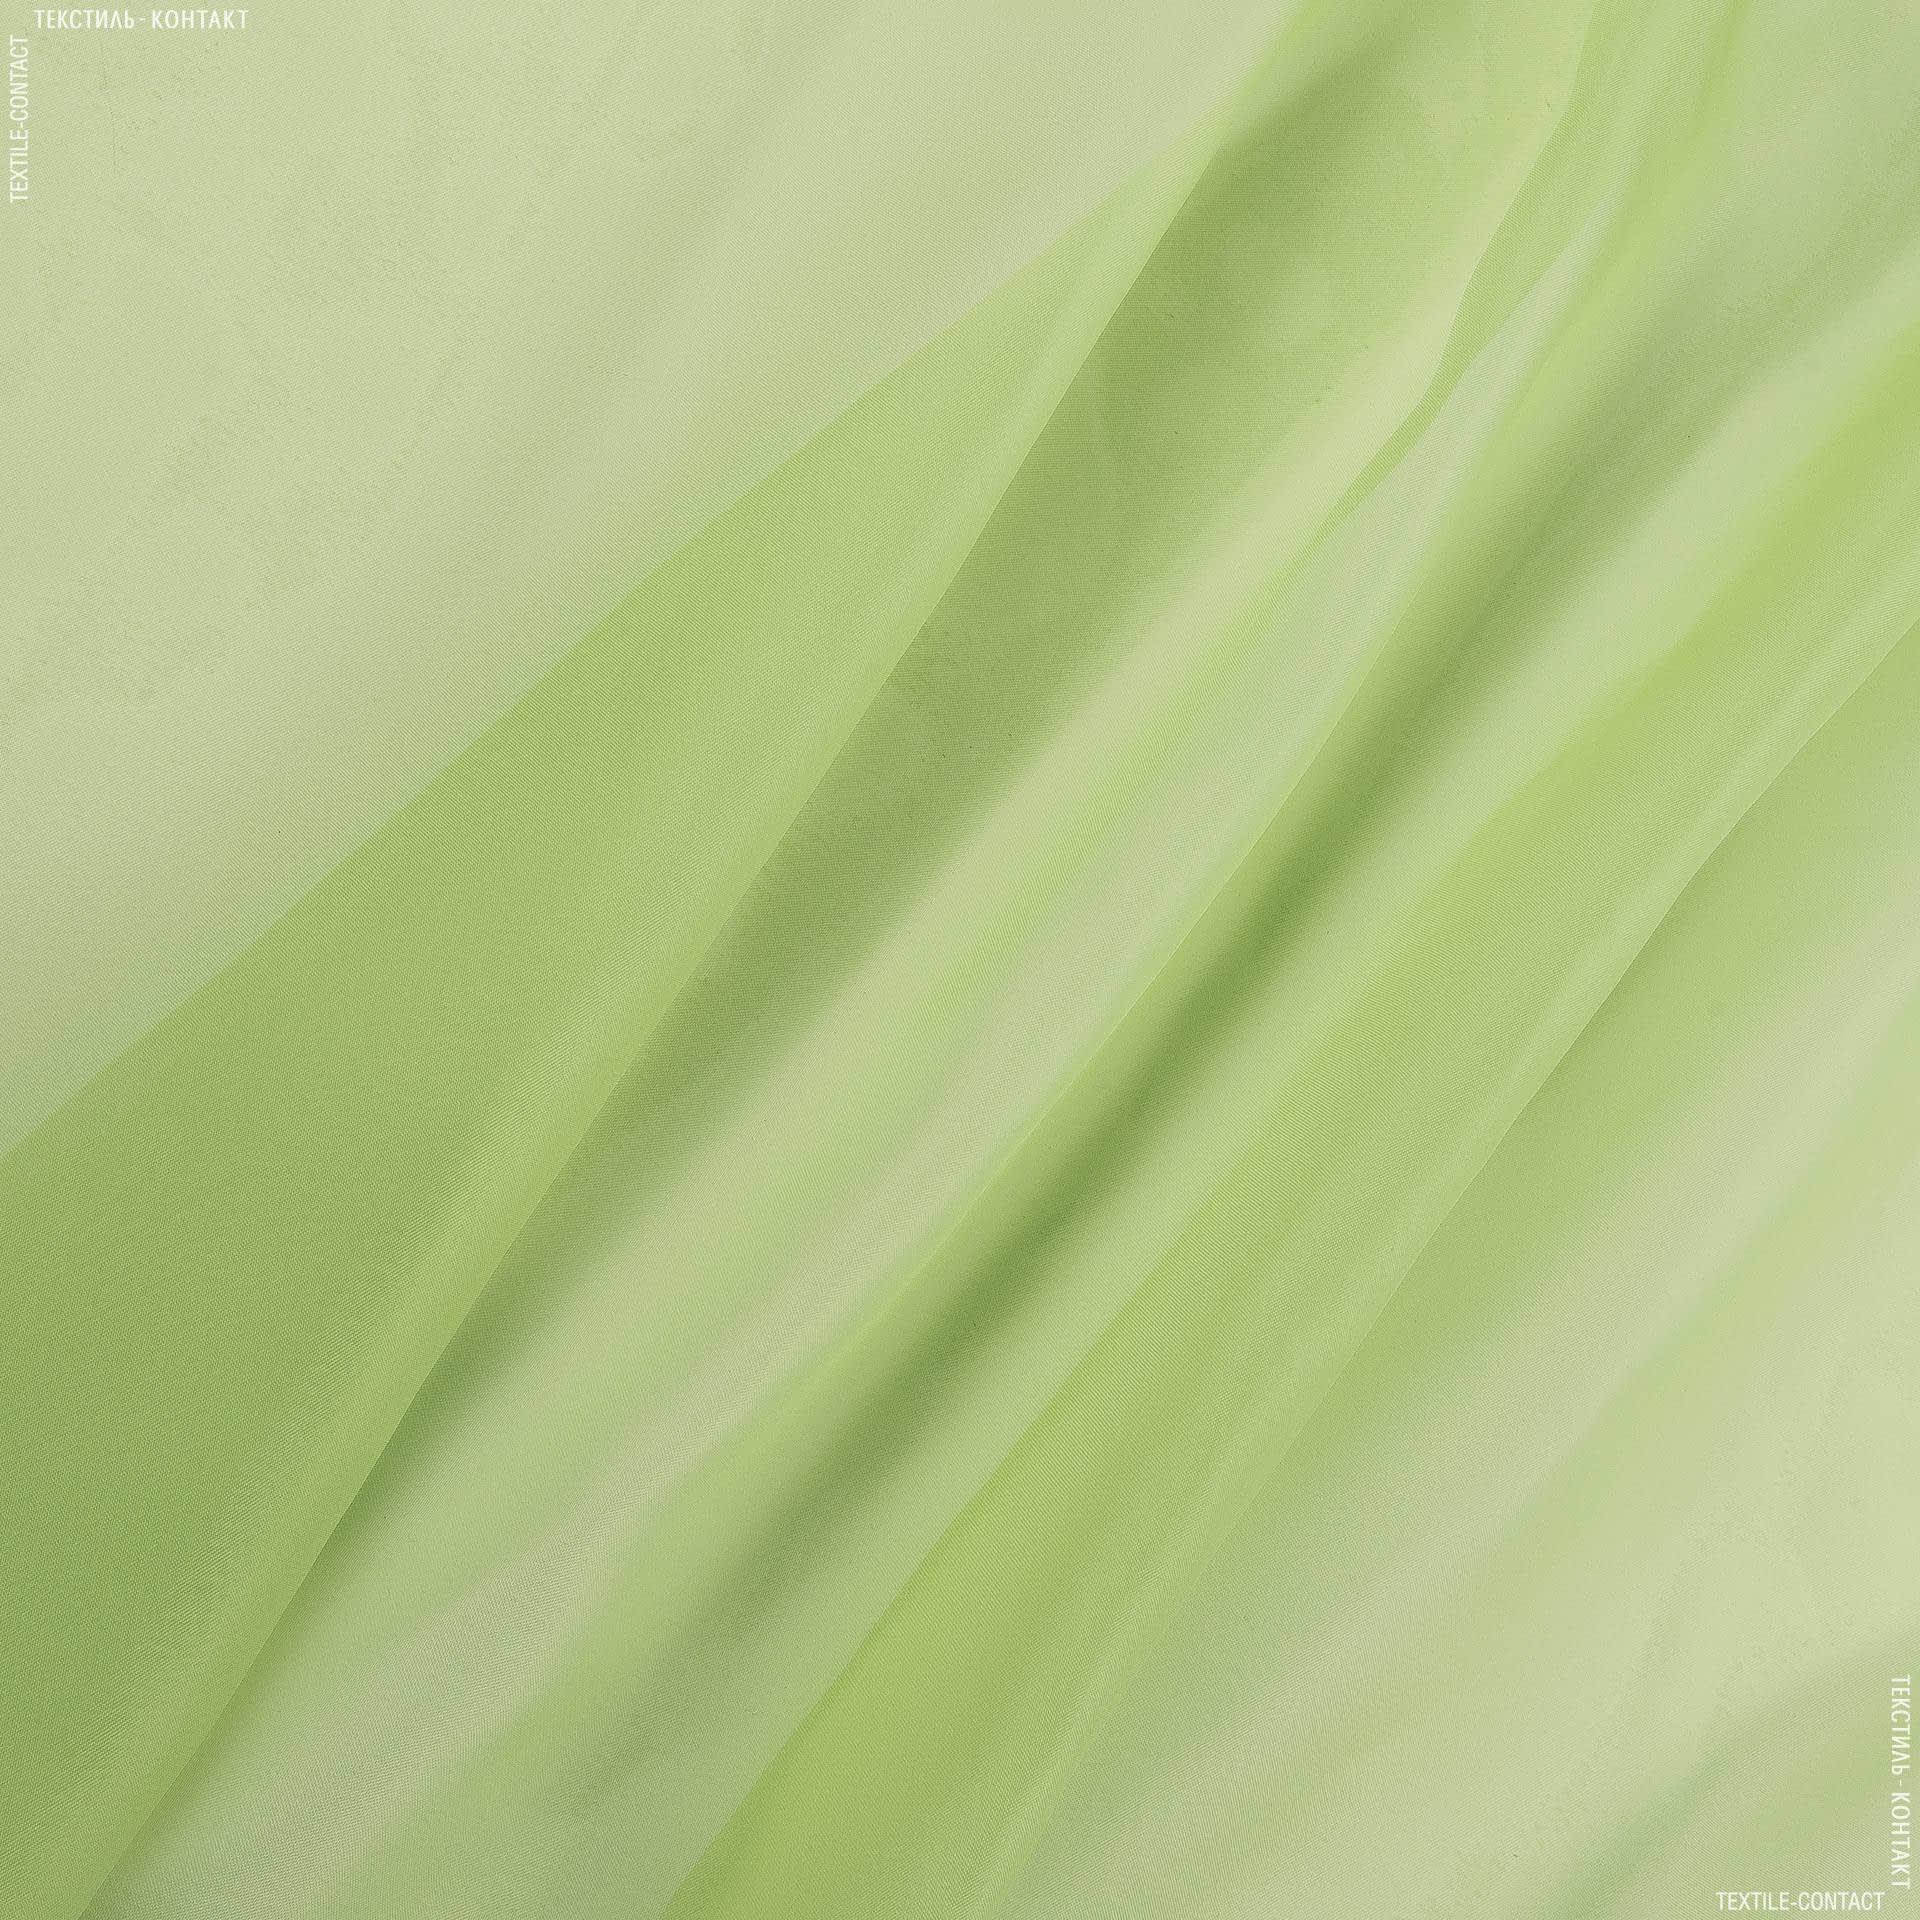 Тканини для тюлі - Тюль вуаль однотон. липа